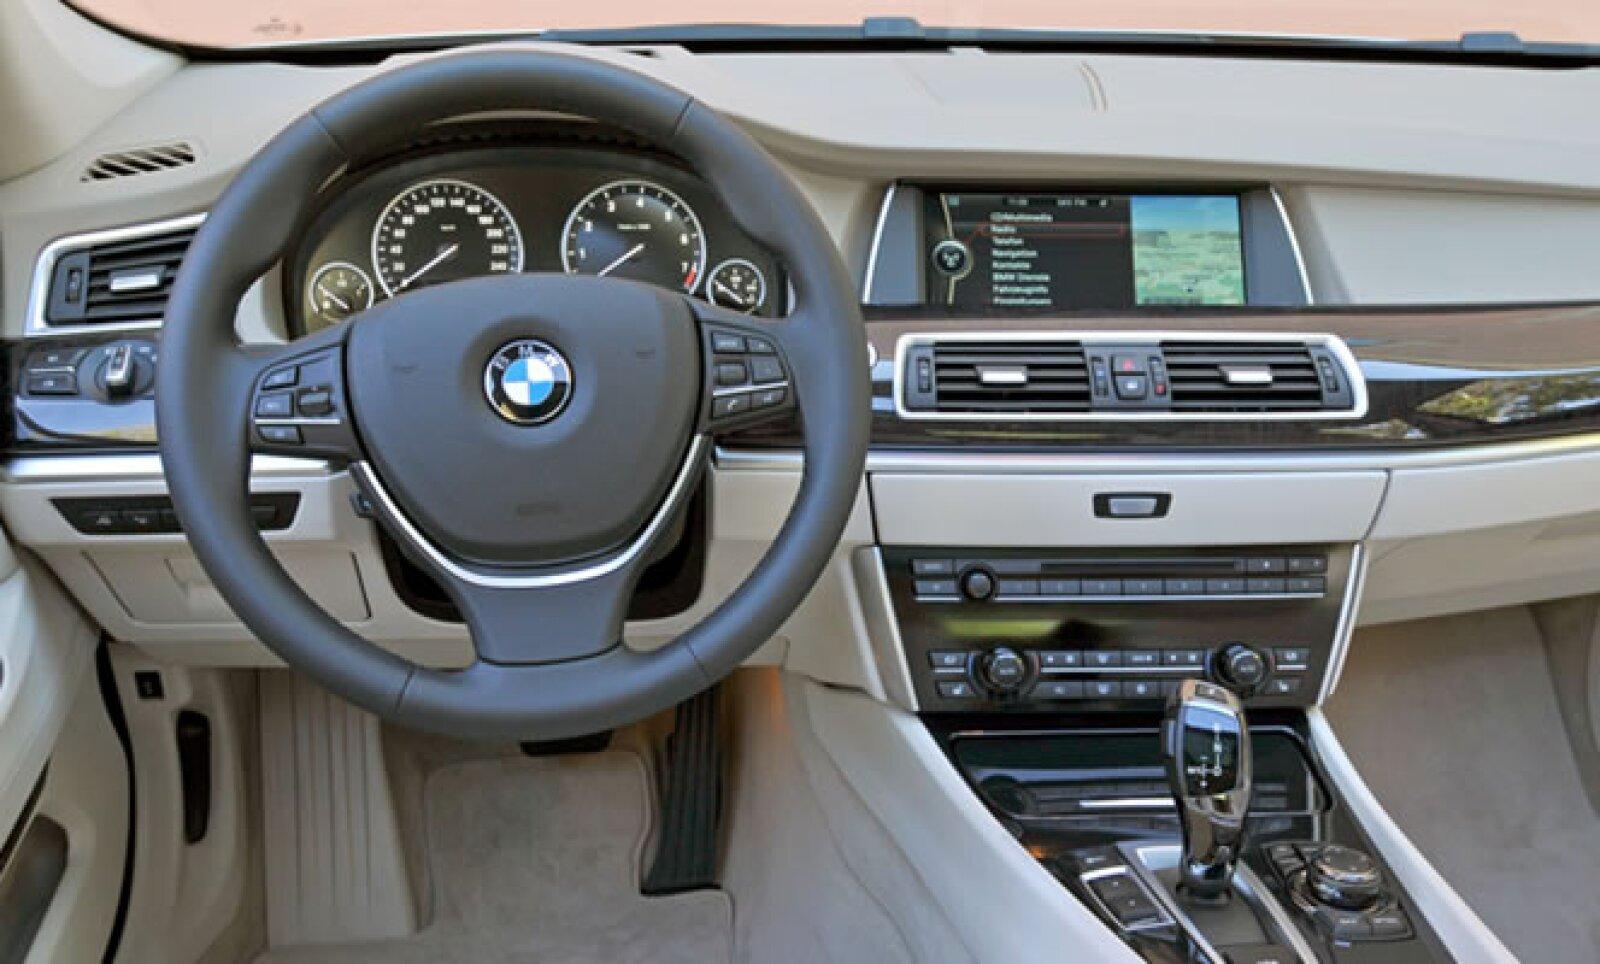 También cuenta con sistema de audio, conexión AUX-In, interfaz bluetooth y manual de instrucciones memorizado.